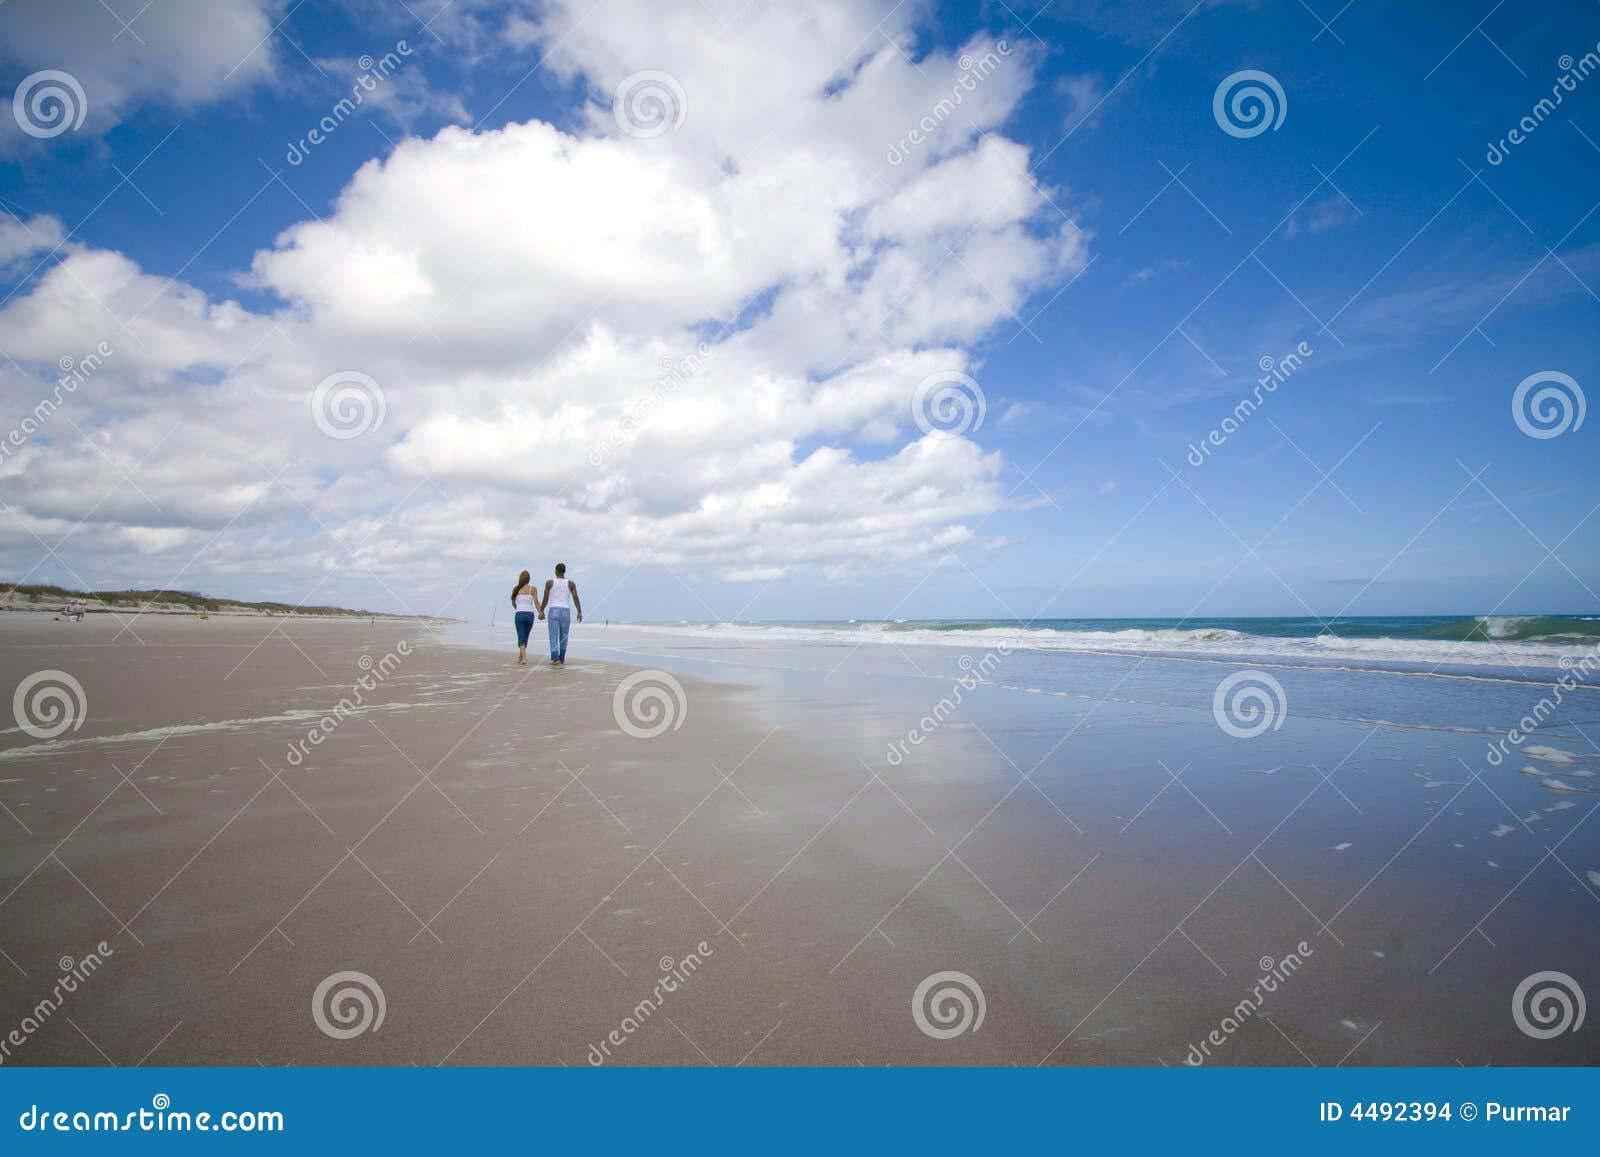 Caminata en una playa